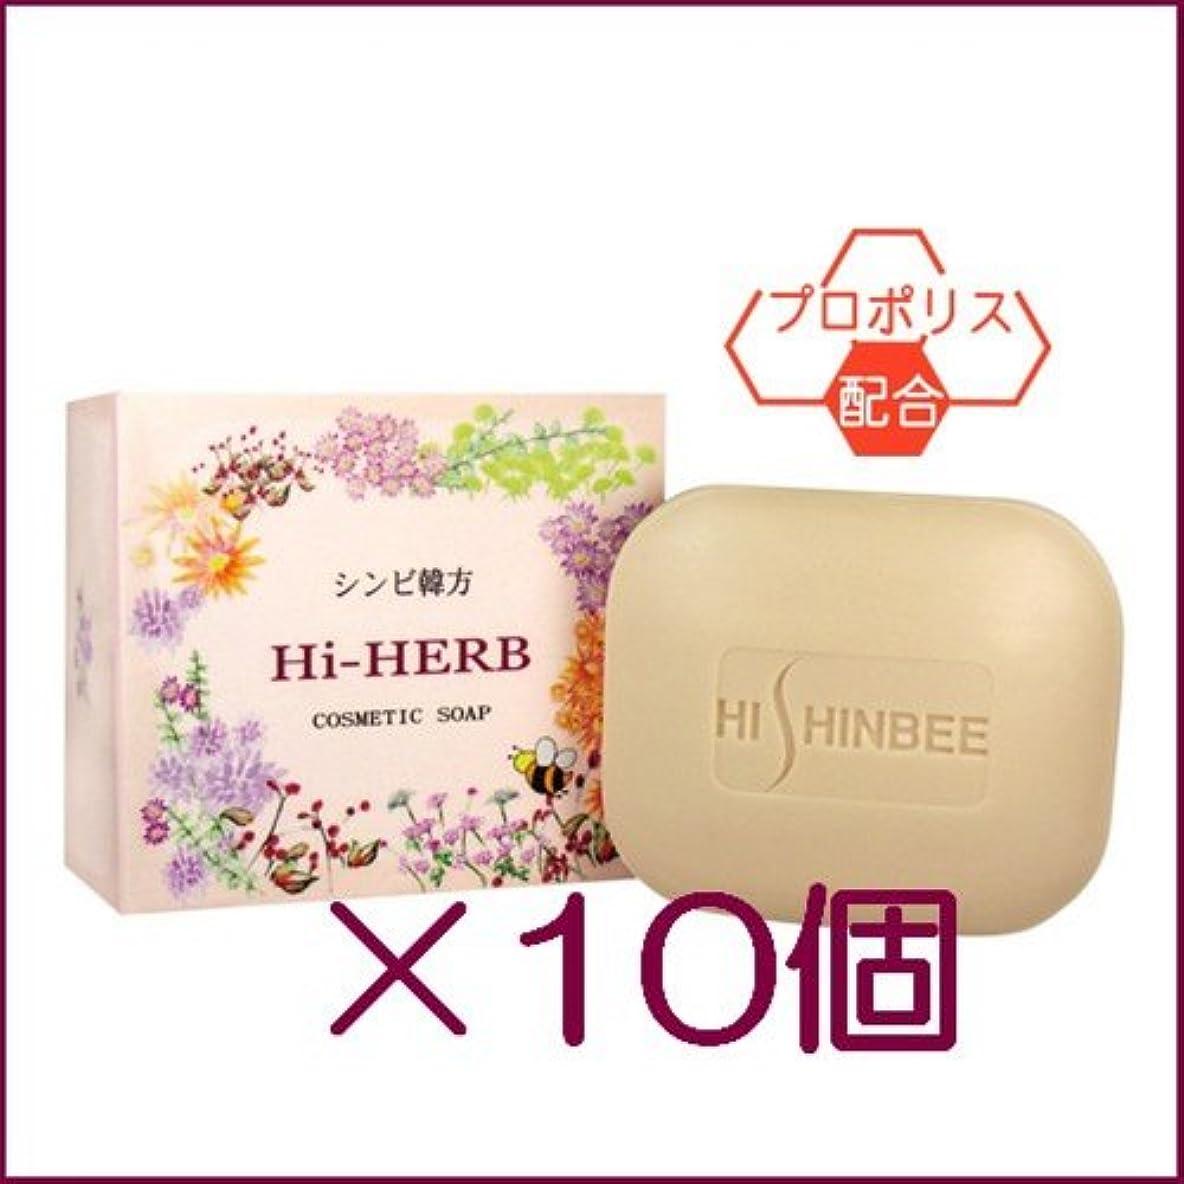 ポール虫を数える一時的シンビ 韓方ハイハーブ石鹸 100g ×10個